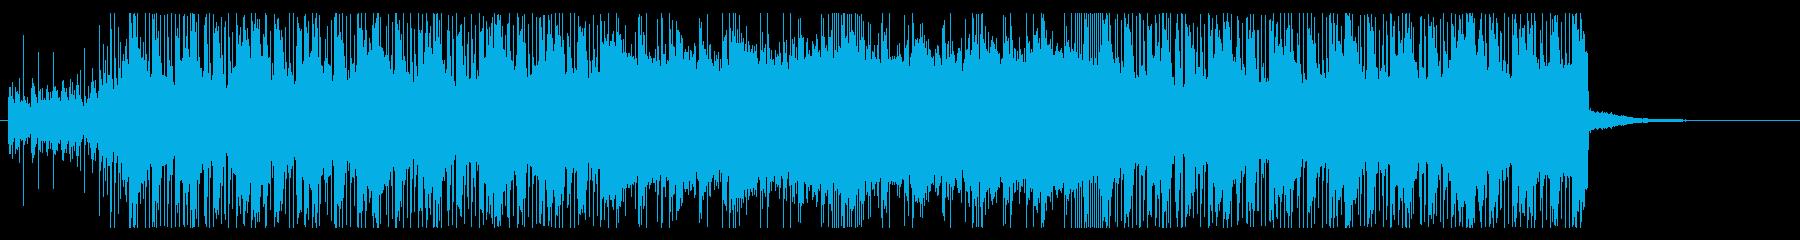 インダストリアルロック・衝撃・バトルの再生済みの波形